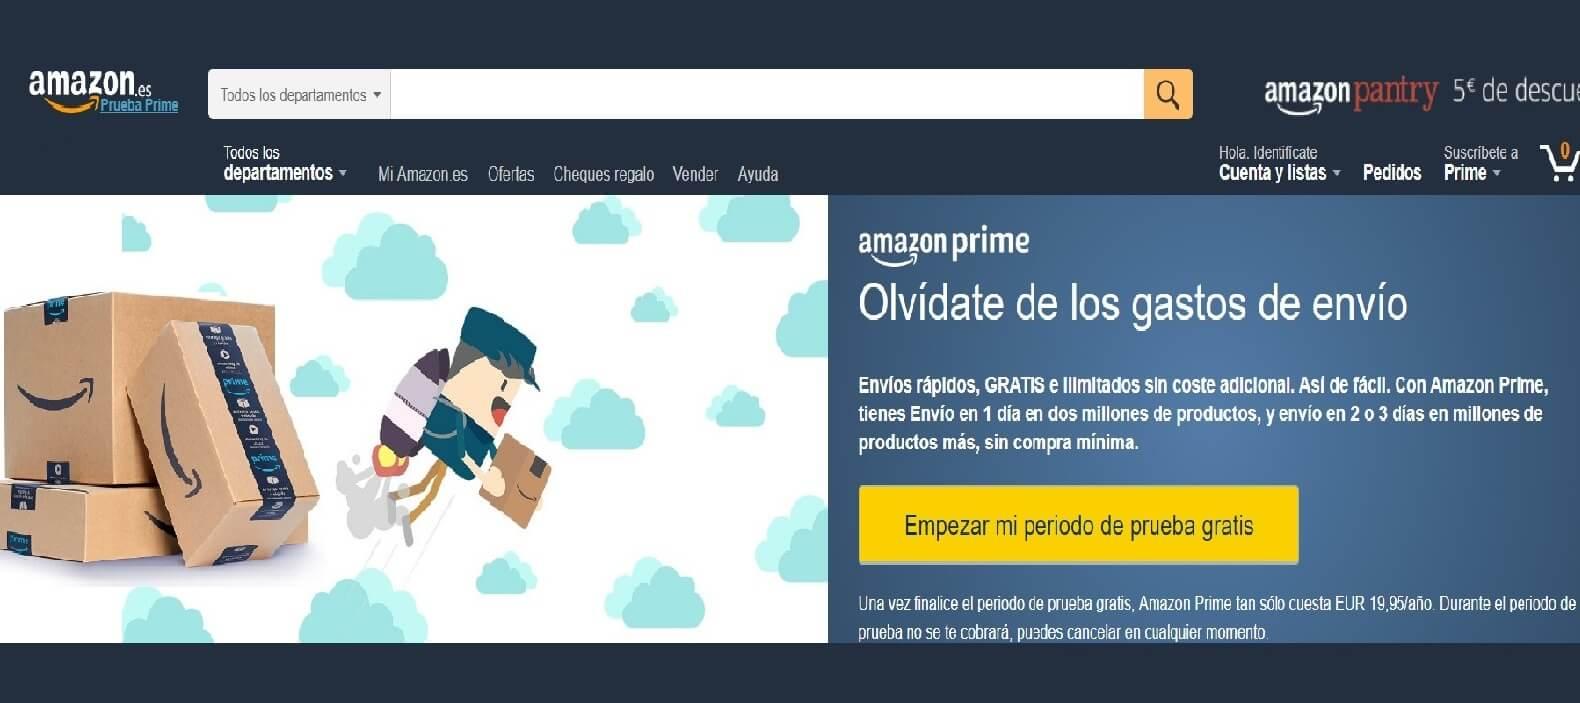 Amazon Prime ¿Cómo funciona? Ventajas